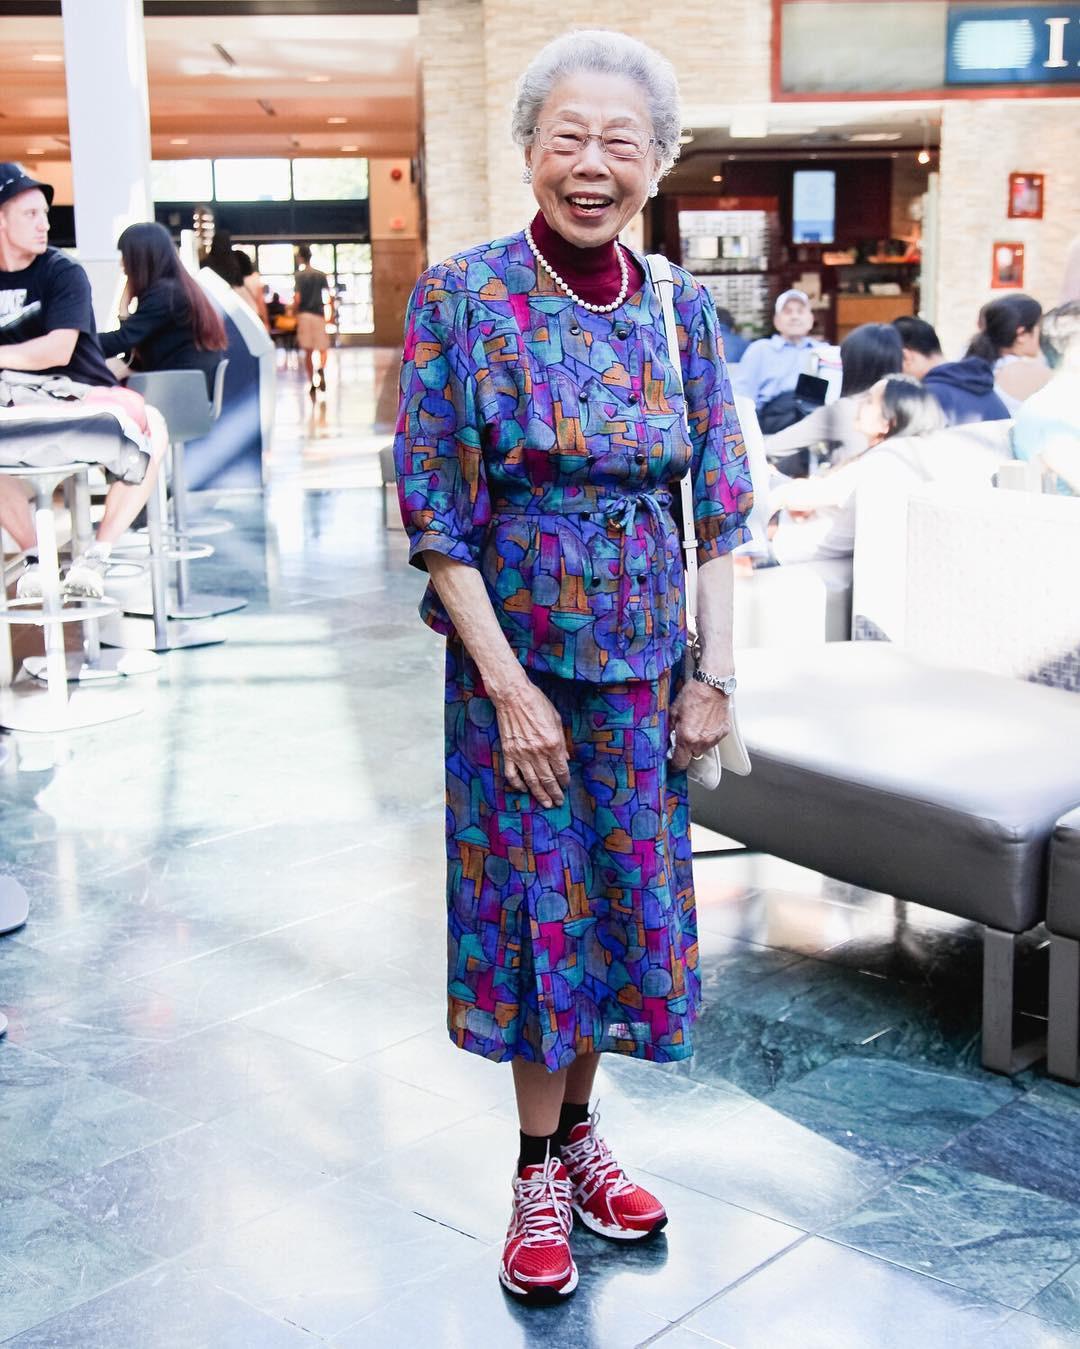 Không đăng hình giới trẻ, tài khoản Instagram này lại tôn vinh street style đi chợ của các cụ già và được hưởng ứng vô cùng - Ảnh 9.